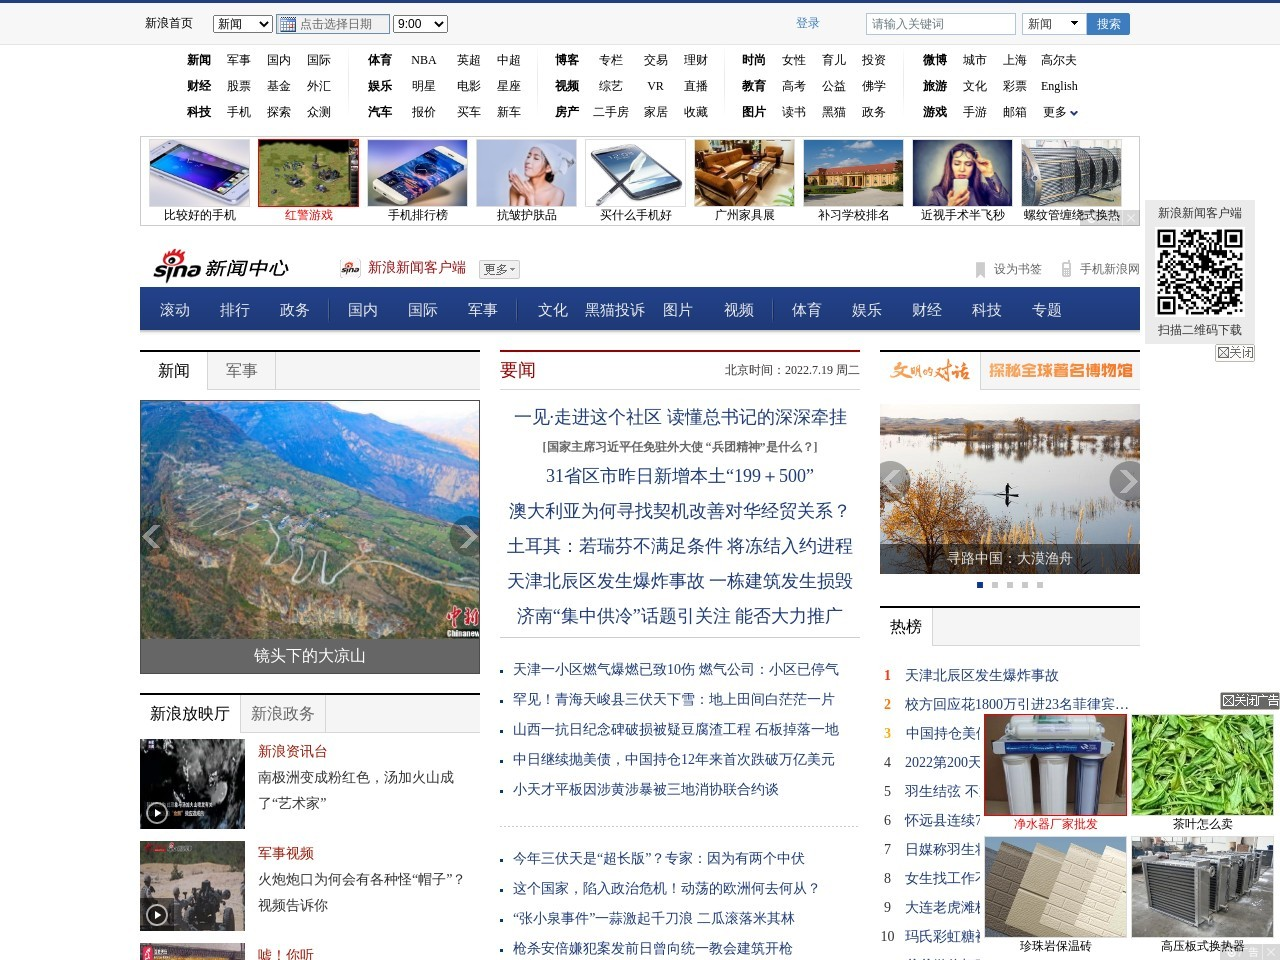 今晚京港地铁4号线双向延长运营,具体时间看这里_新浪新闻